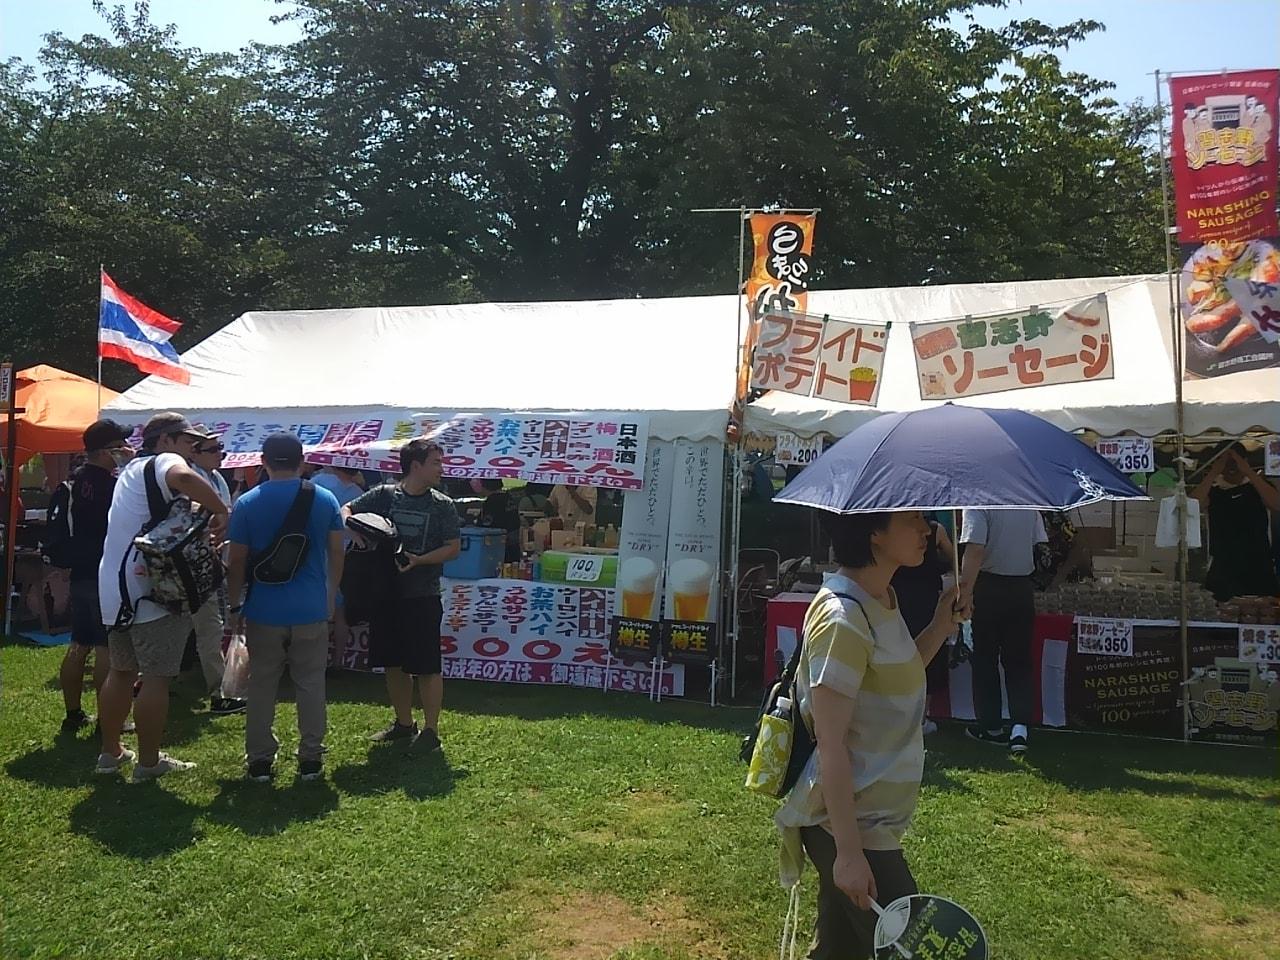 習志野駐屯地夏祭り屋台